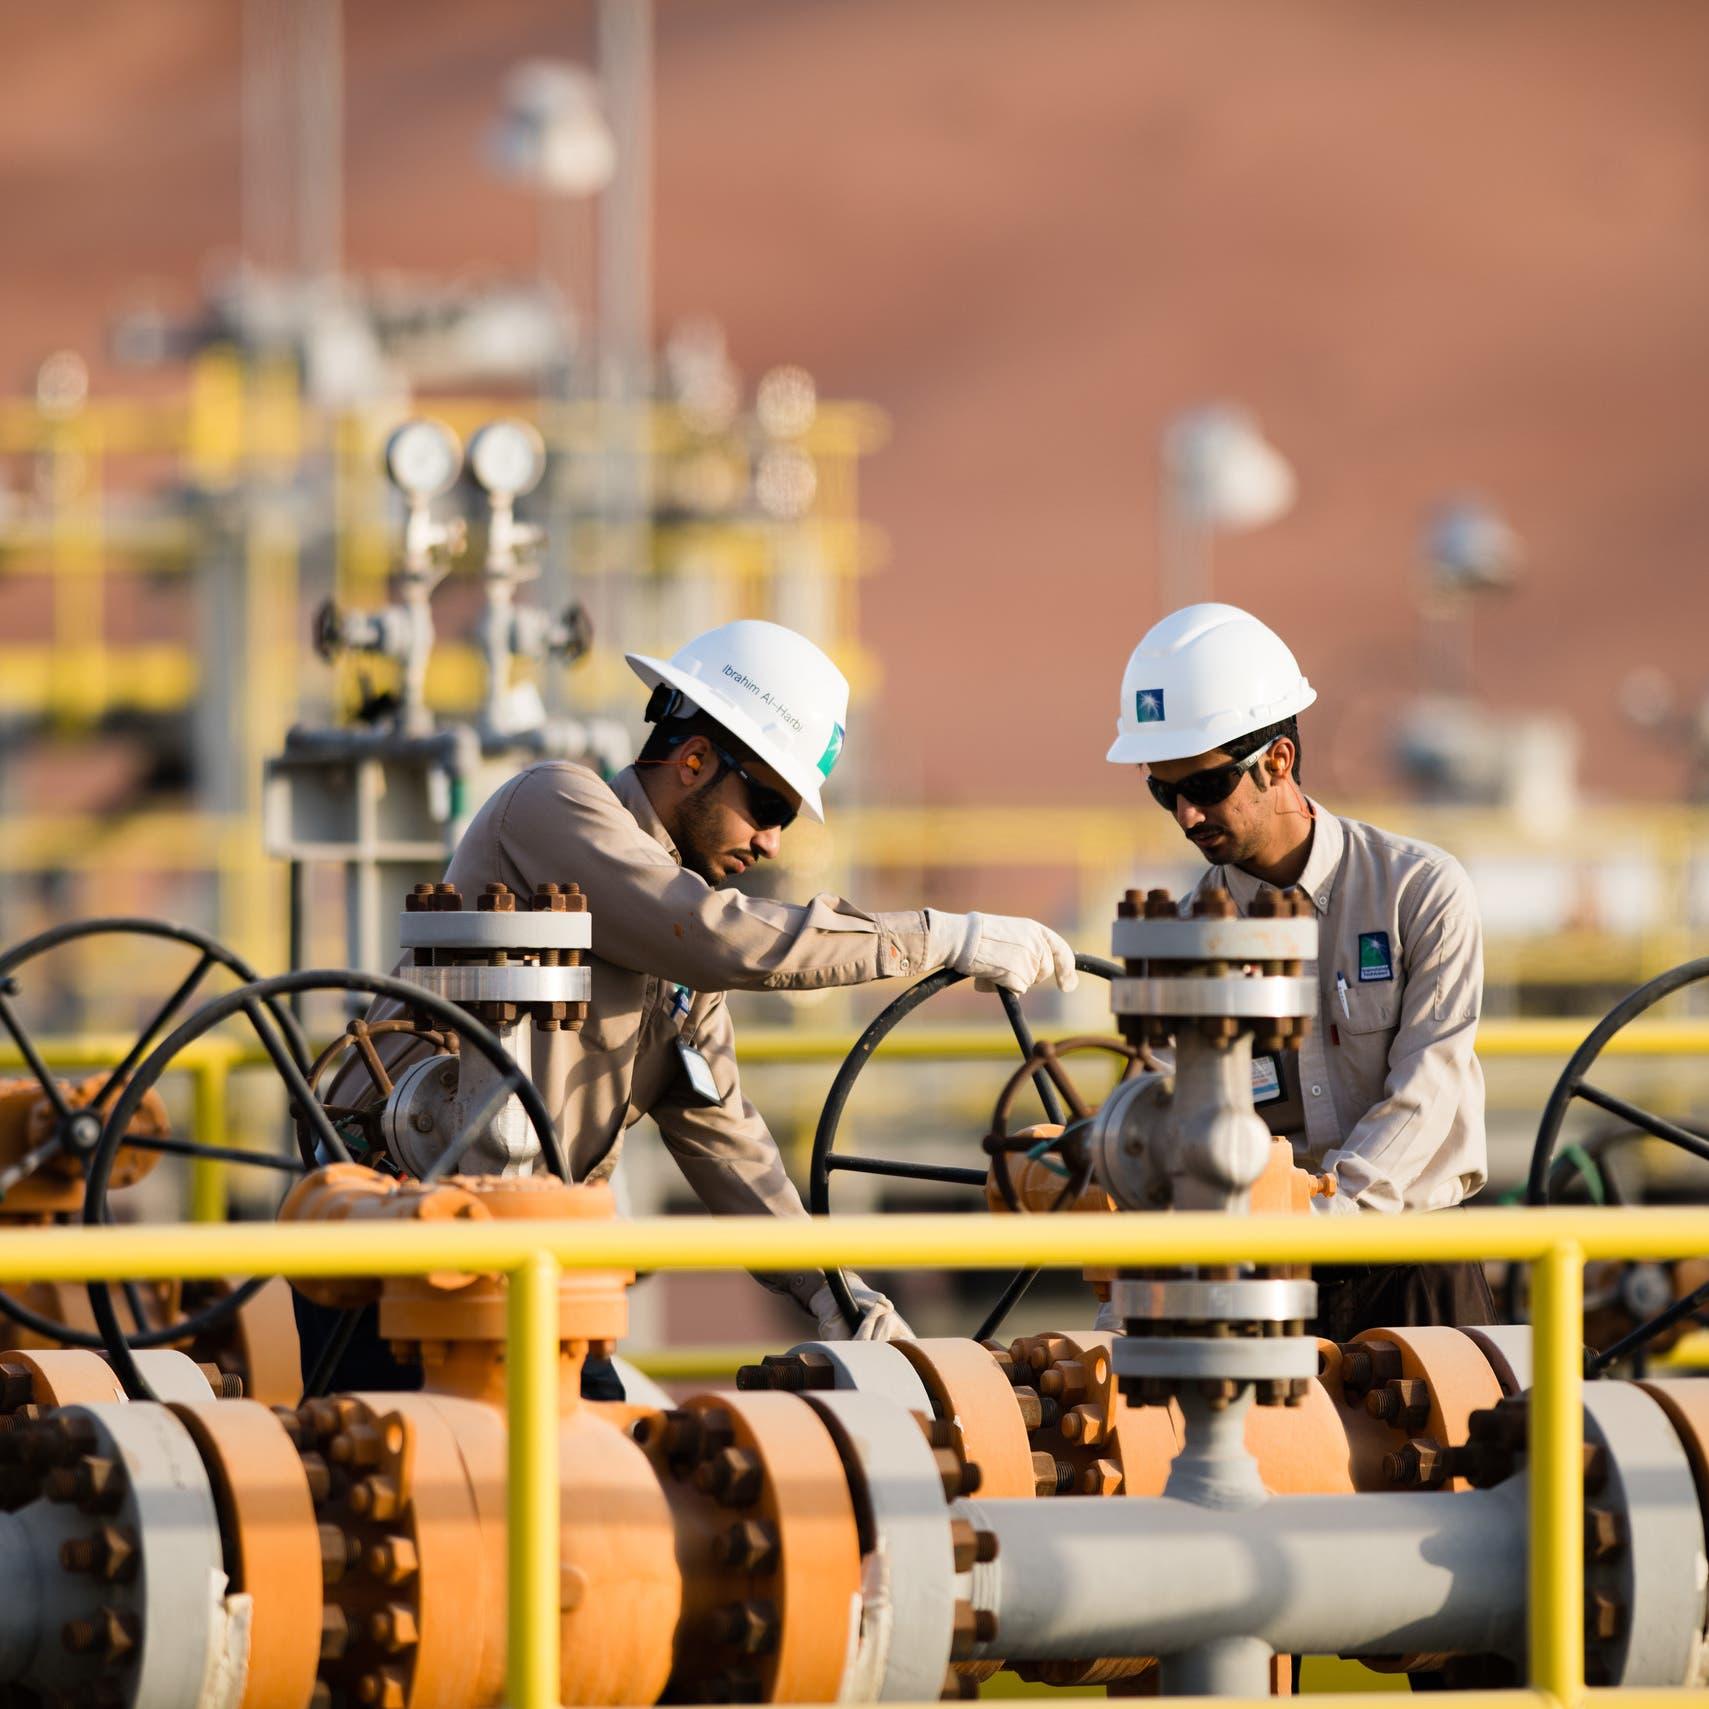 ارتفاع أرباح أرامكو 30% في الربع الأول إلى 81.4 مليار ريال